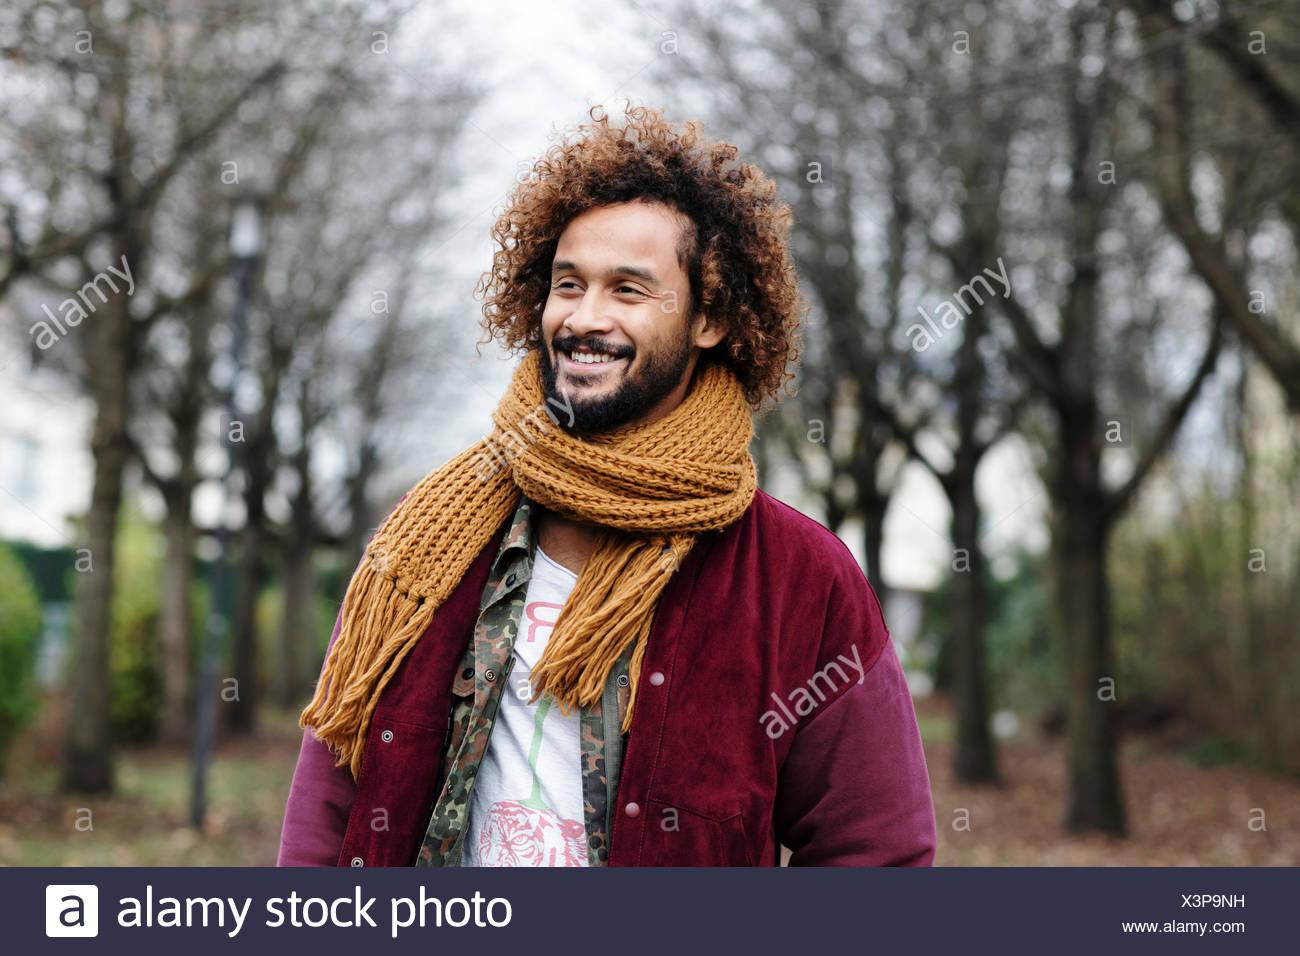 Ritratto di uomo sorridente con anellini colorati in natura Immagini Stock